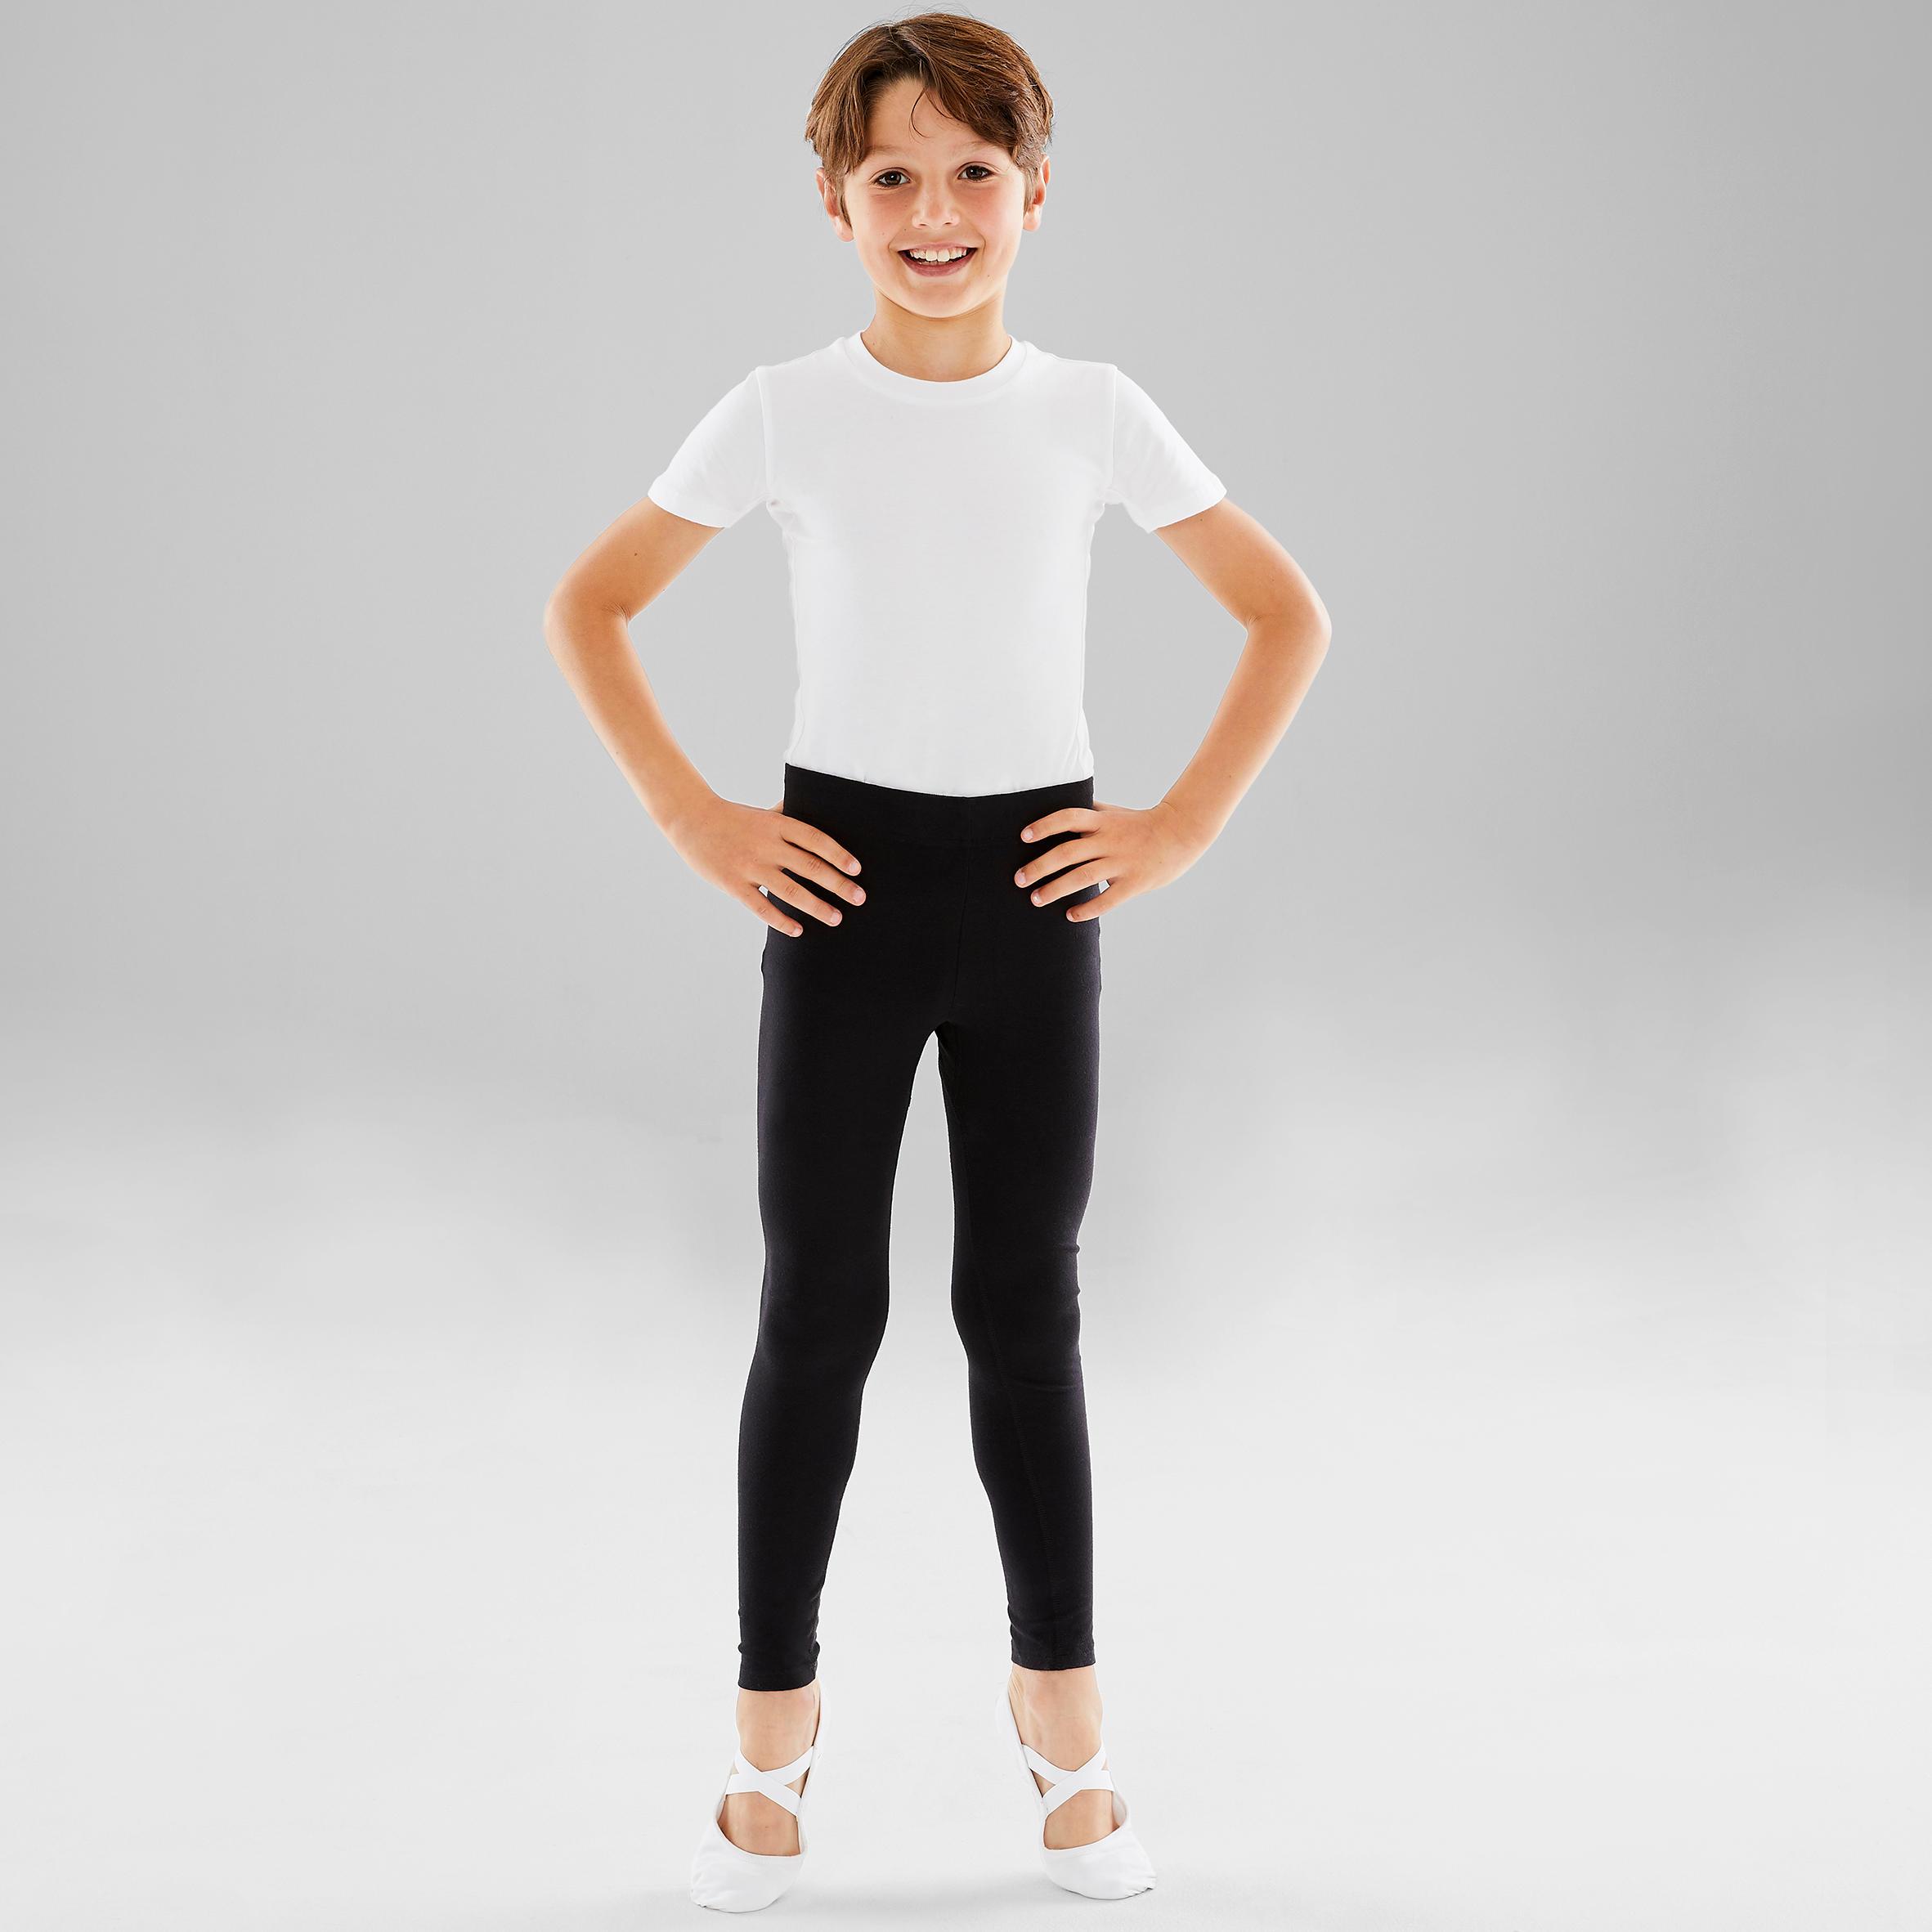 Colanţi balet Băieți imagine